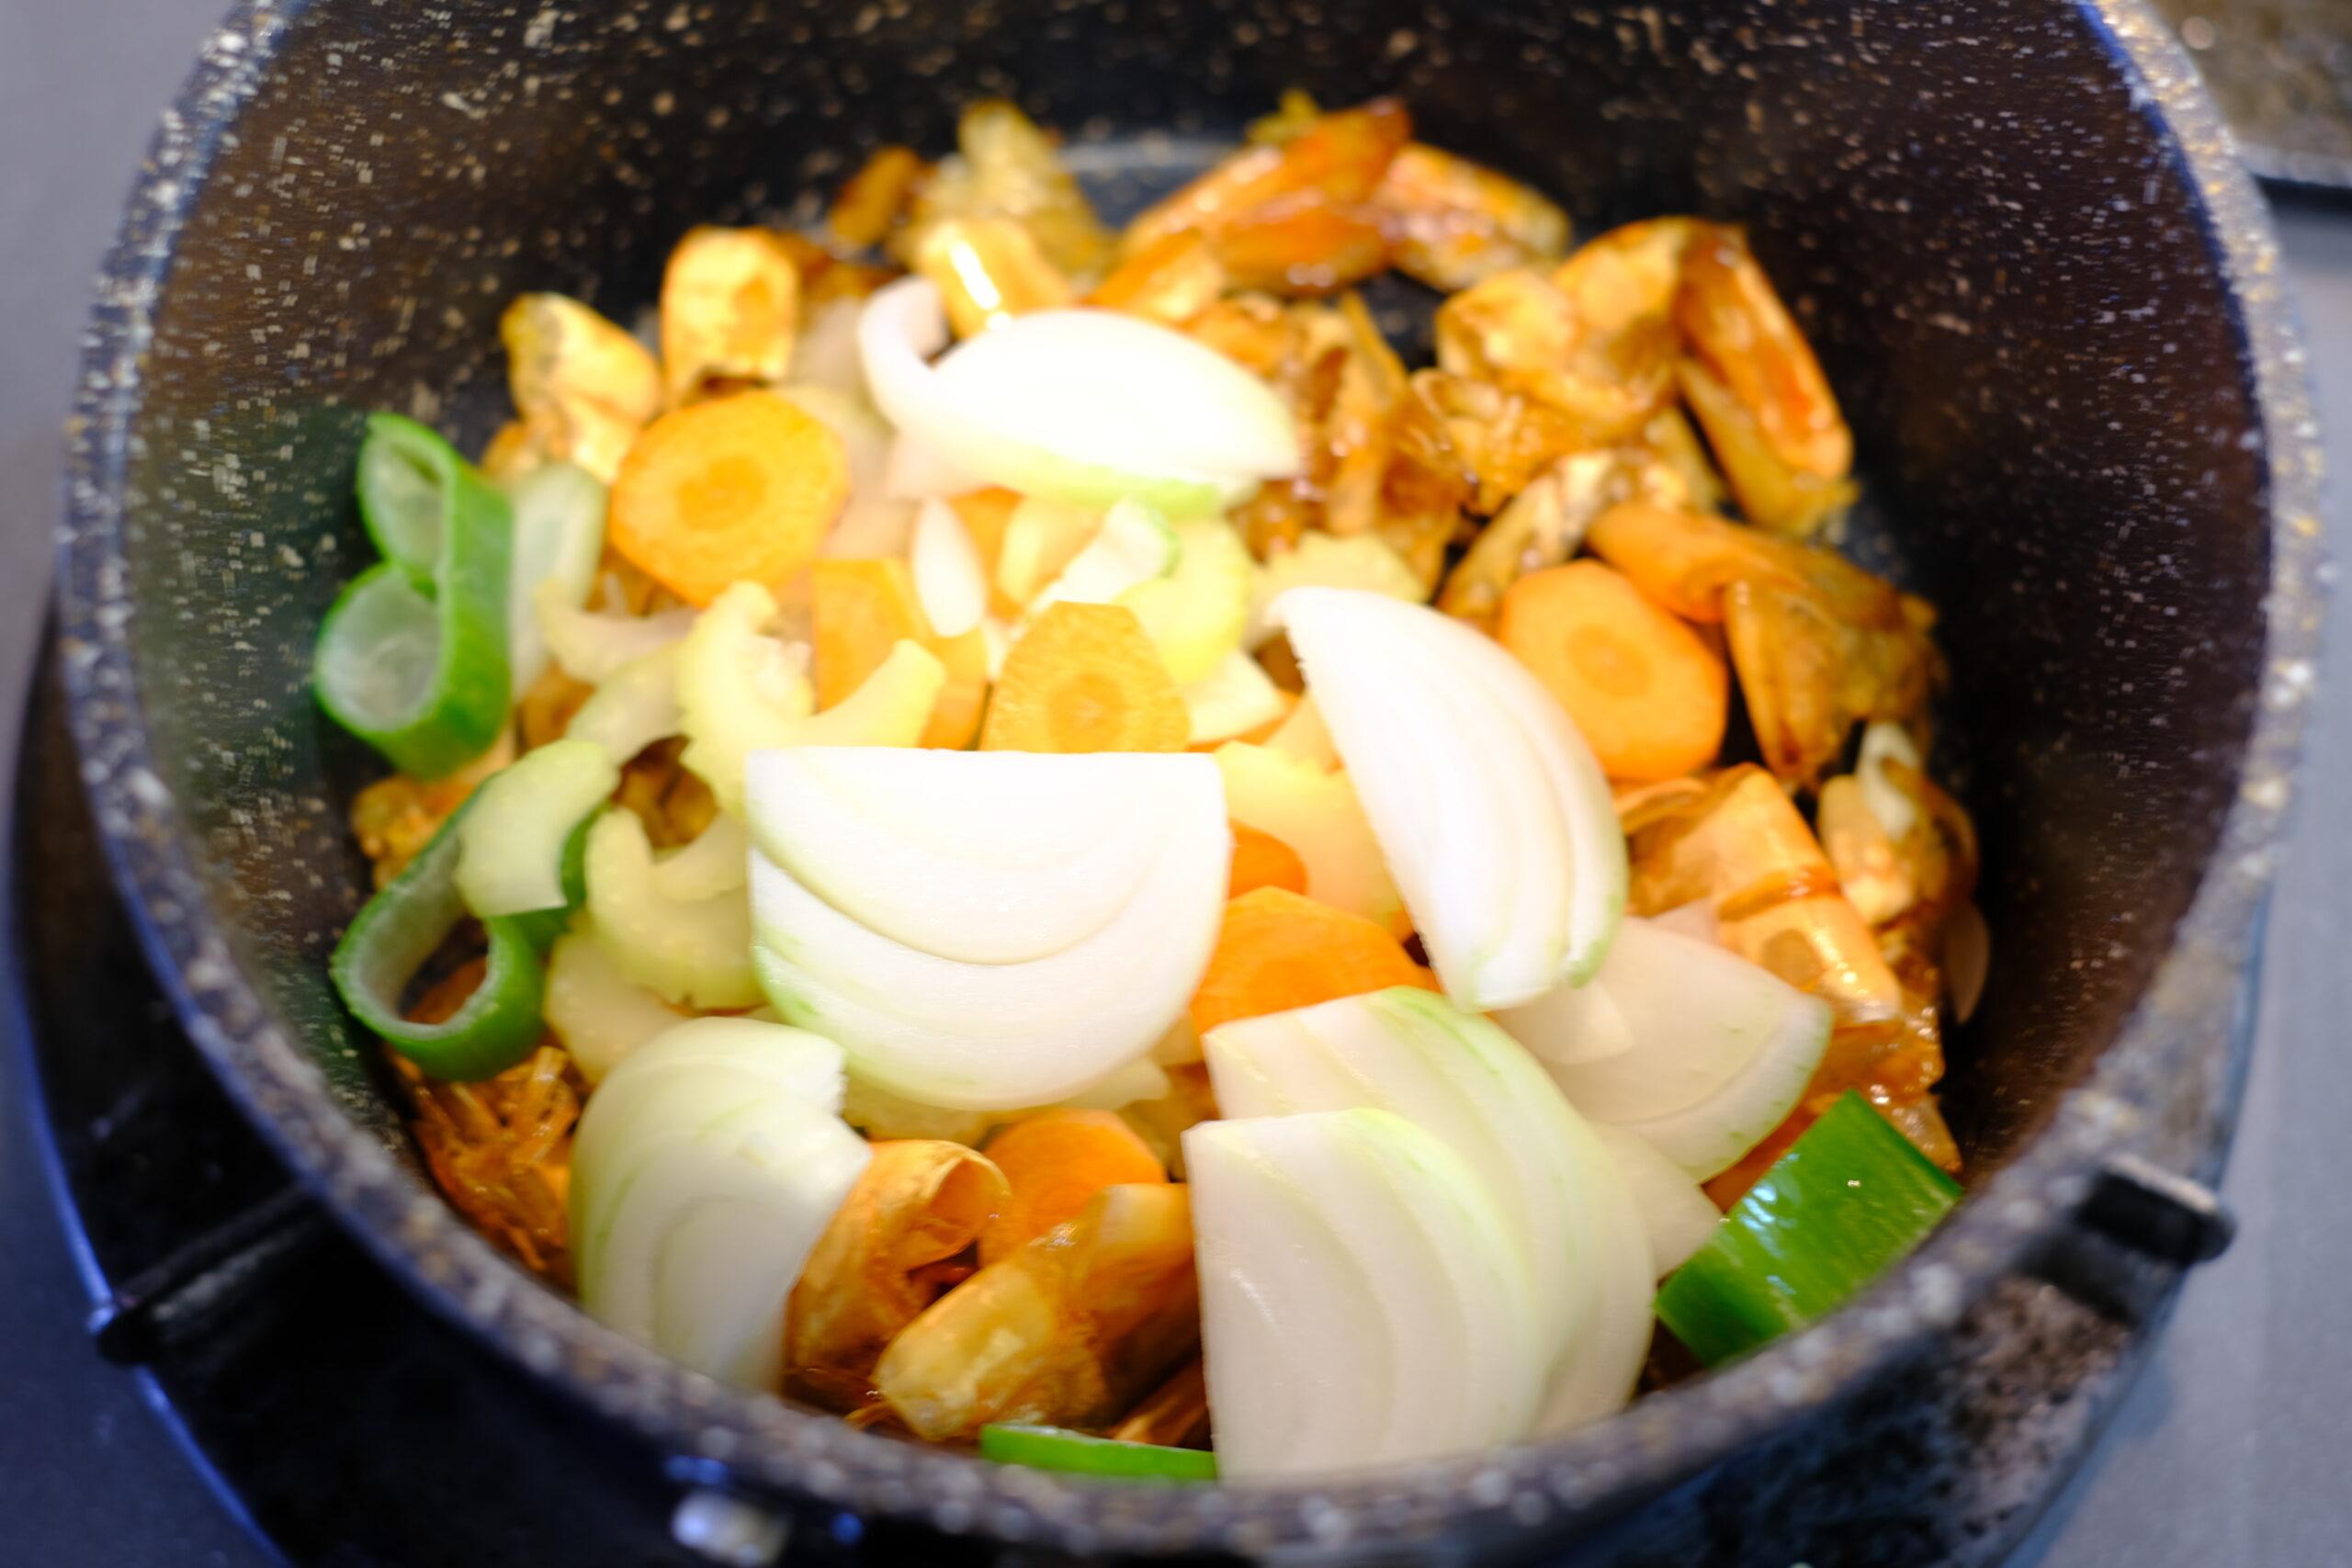 海老のソースを作る鍋に潰したニンニクとスライスした野菜を加えた画像です